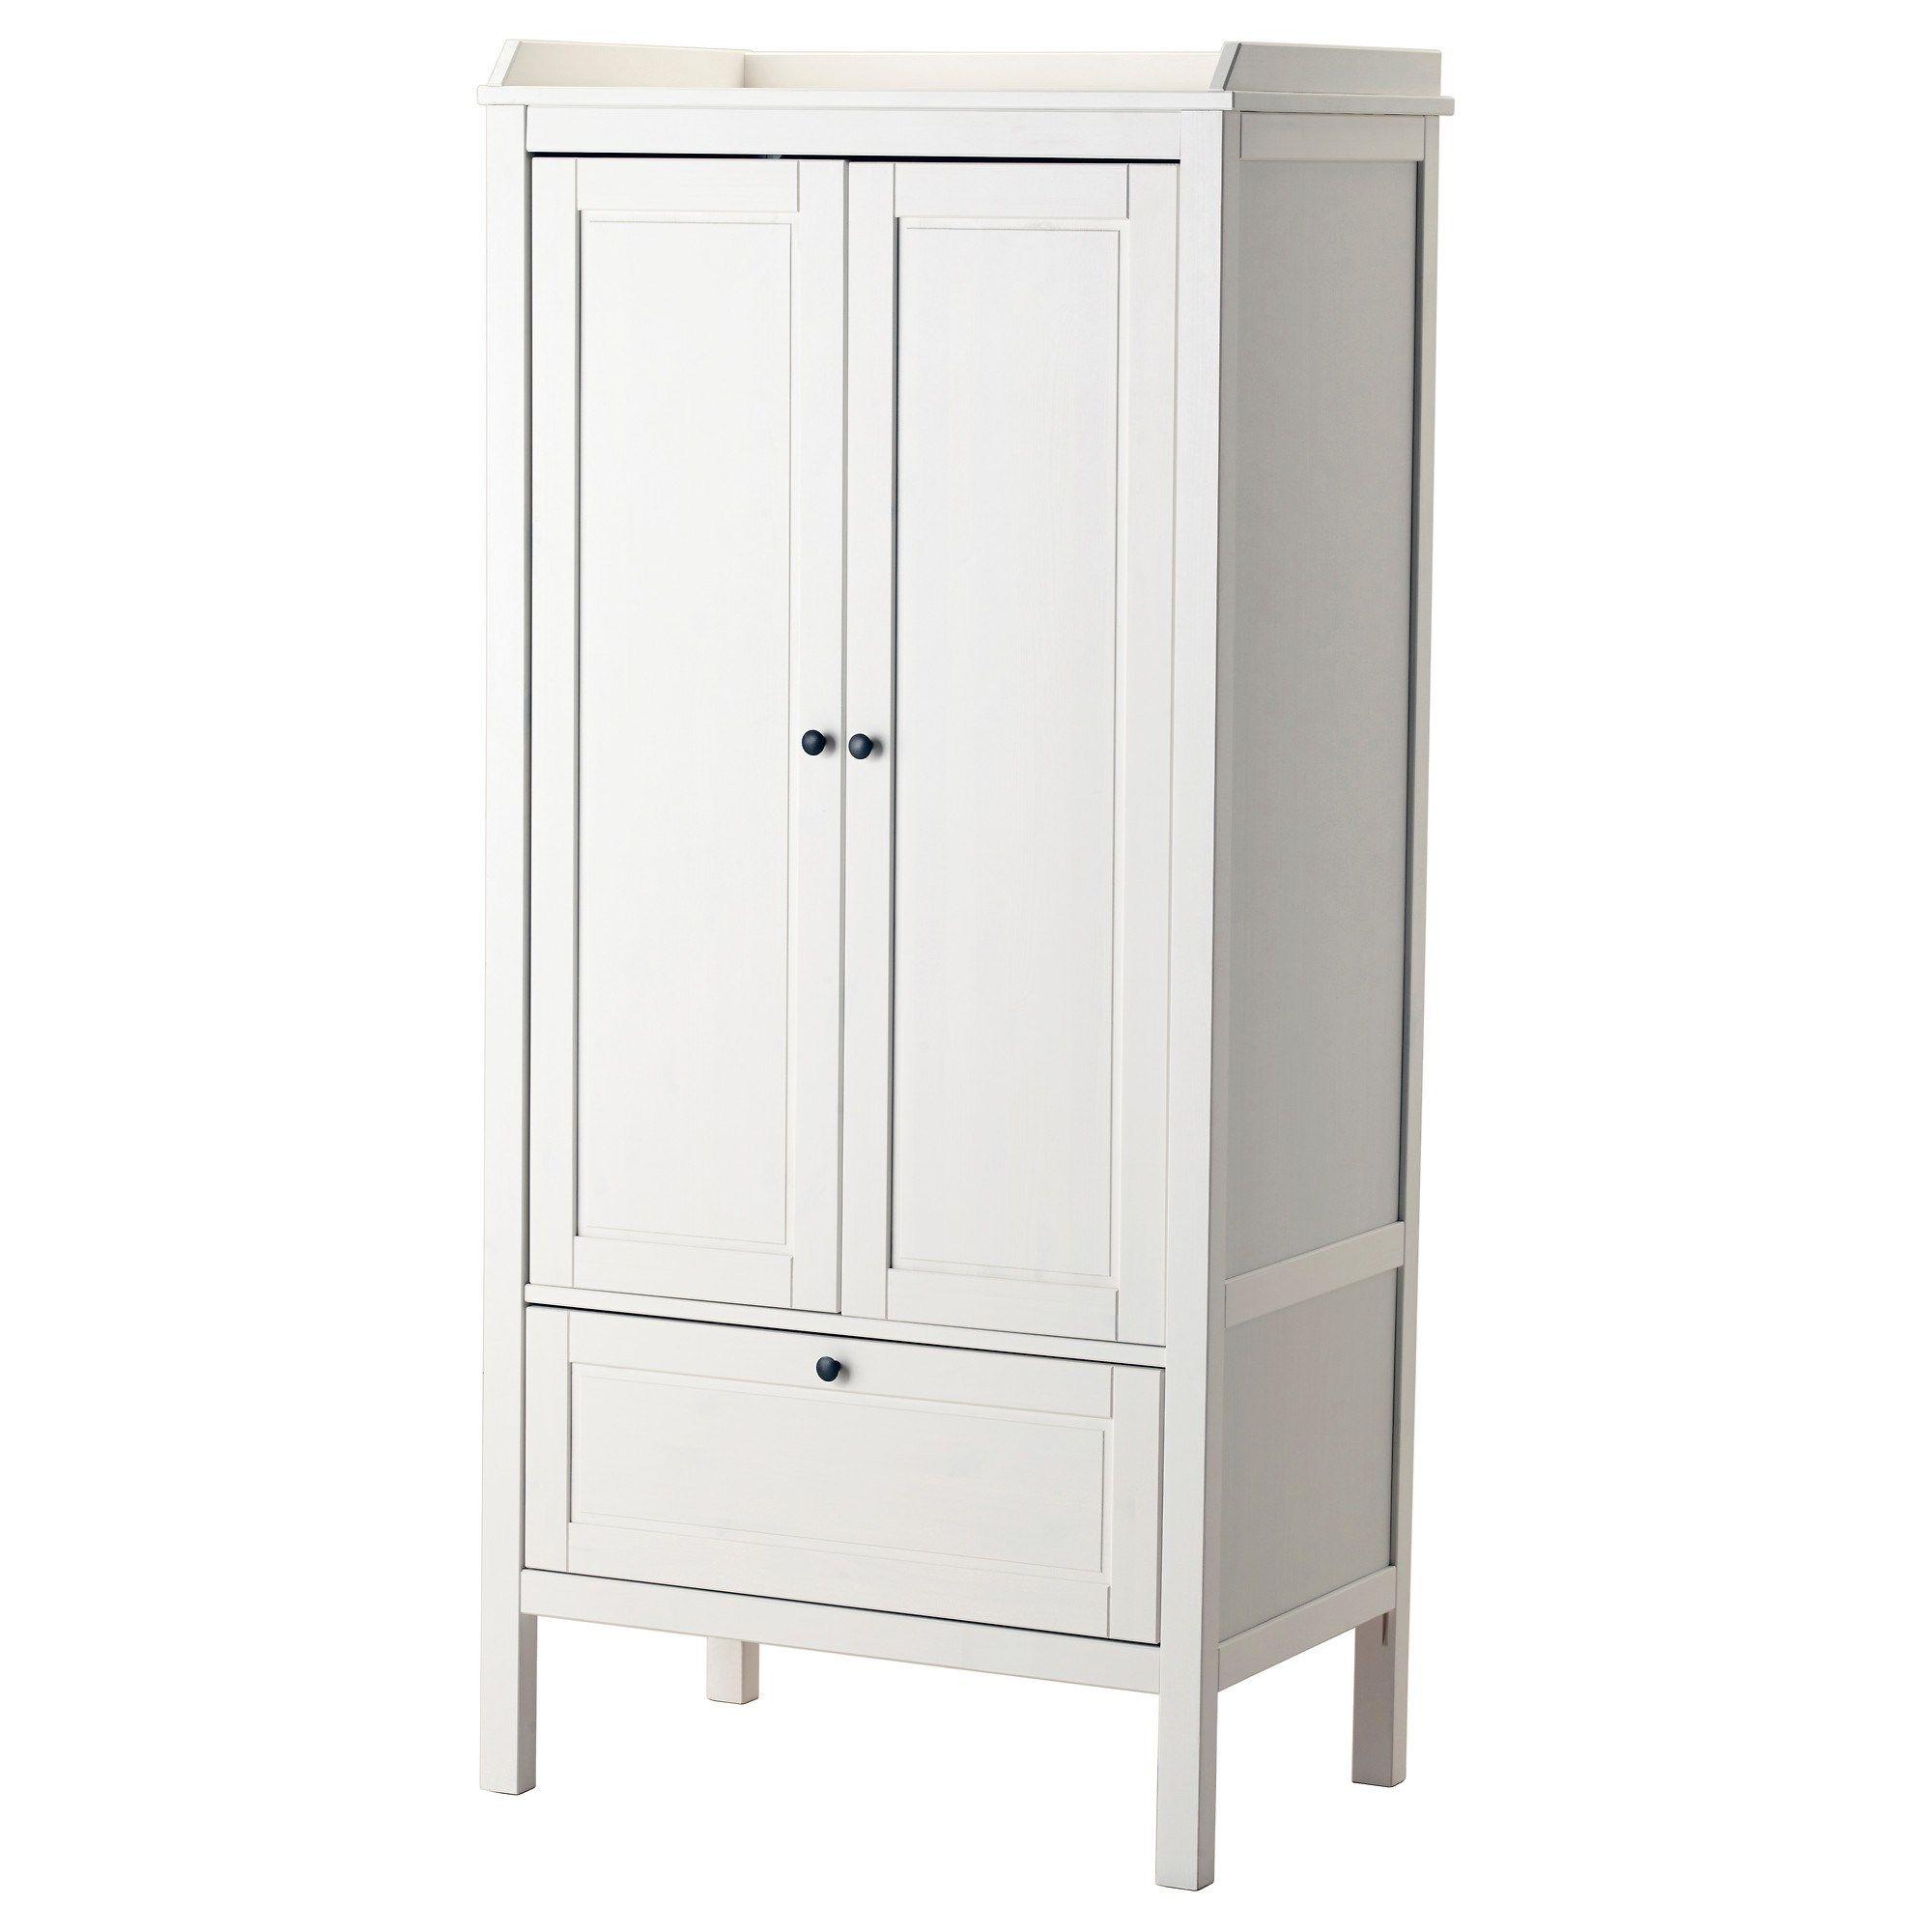 Ikea Gardirop Dekorstore